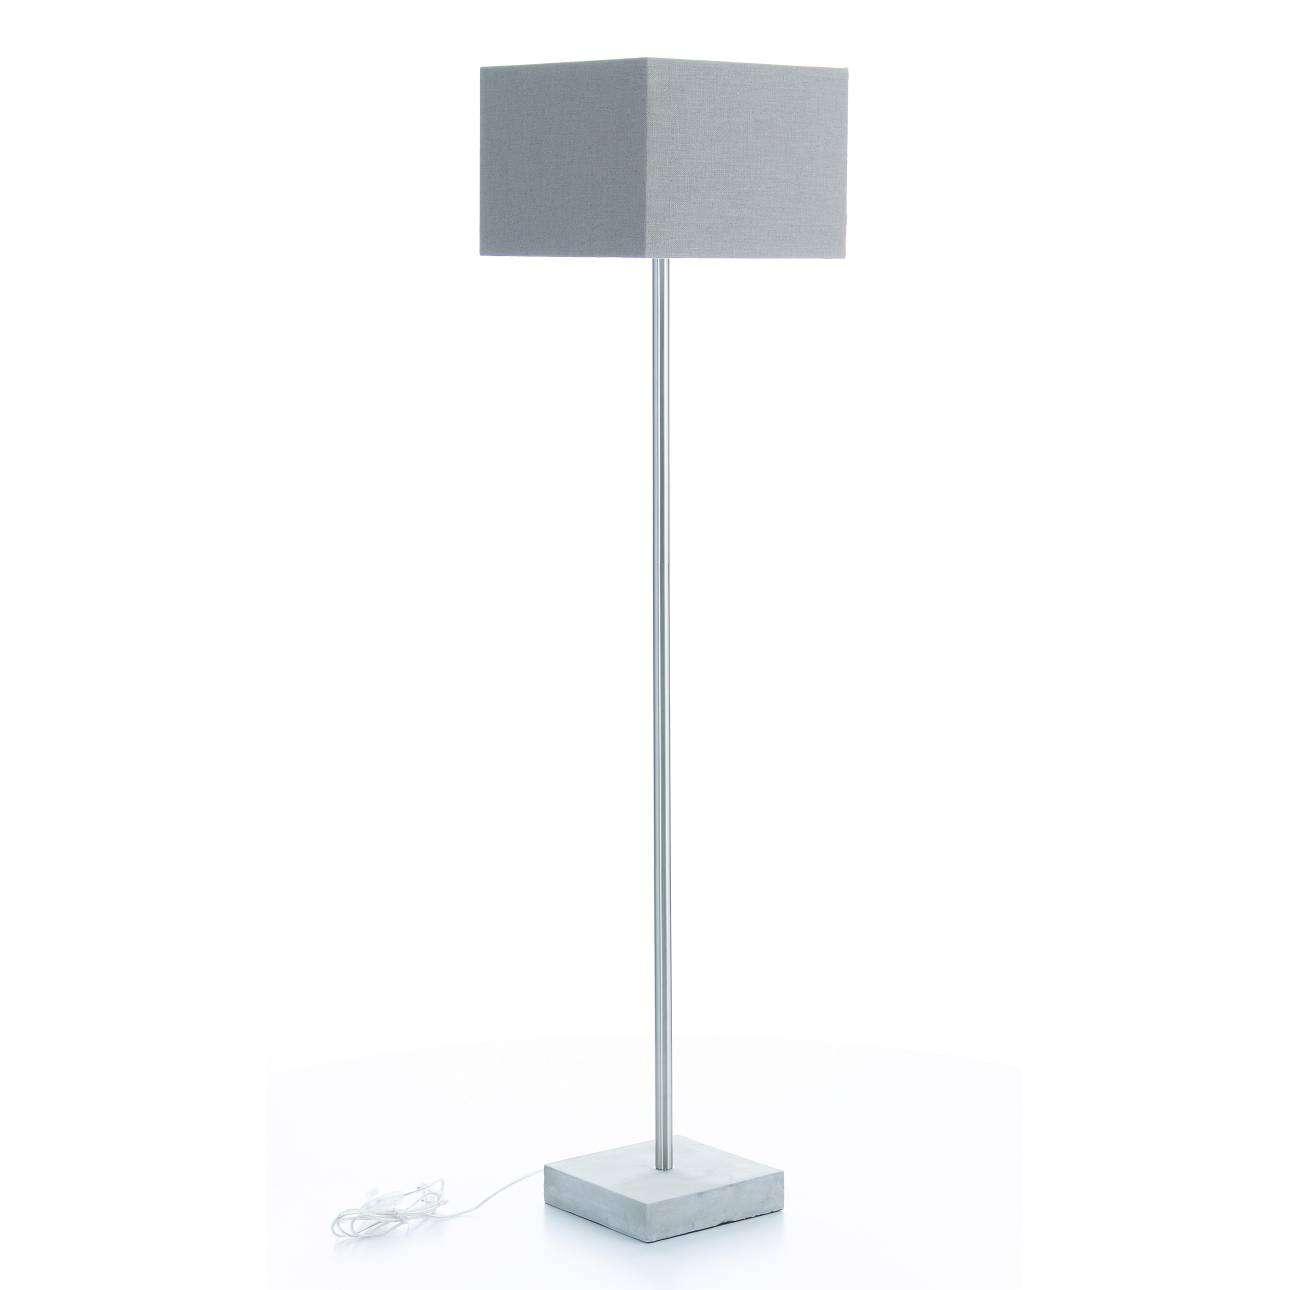 Lampa podłogowa Petra wys. 155cm  155cm